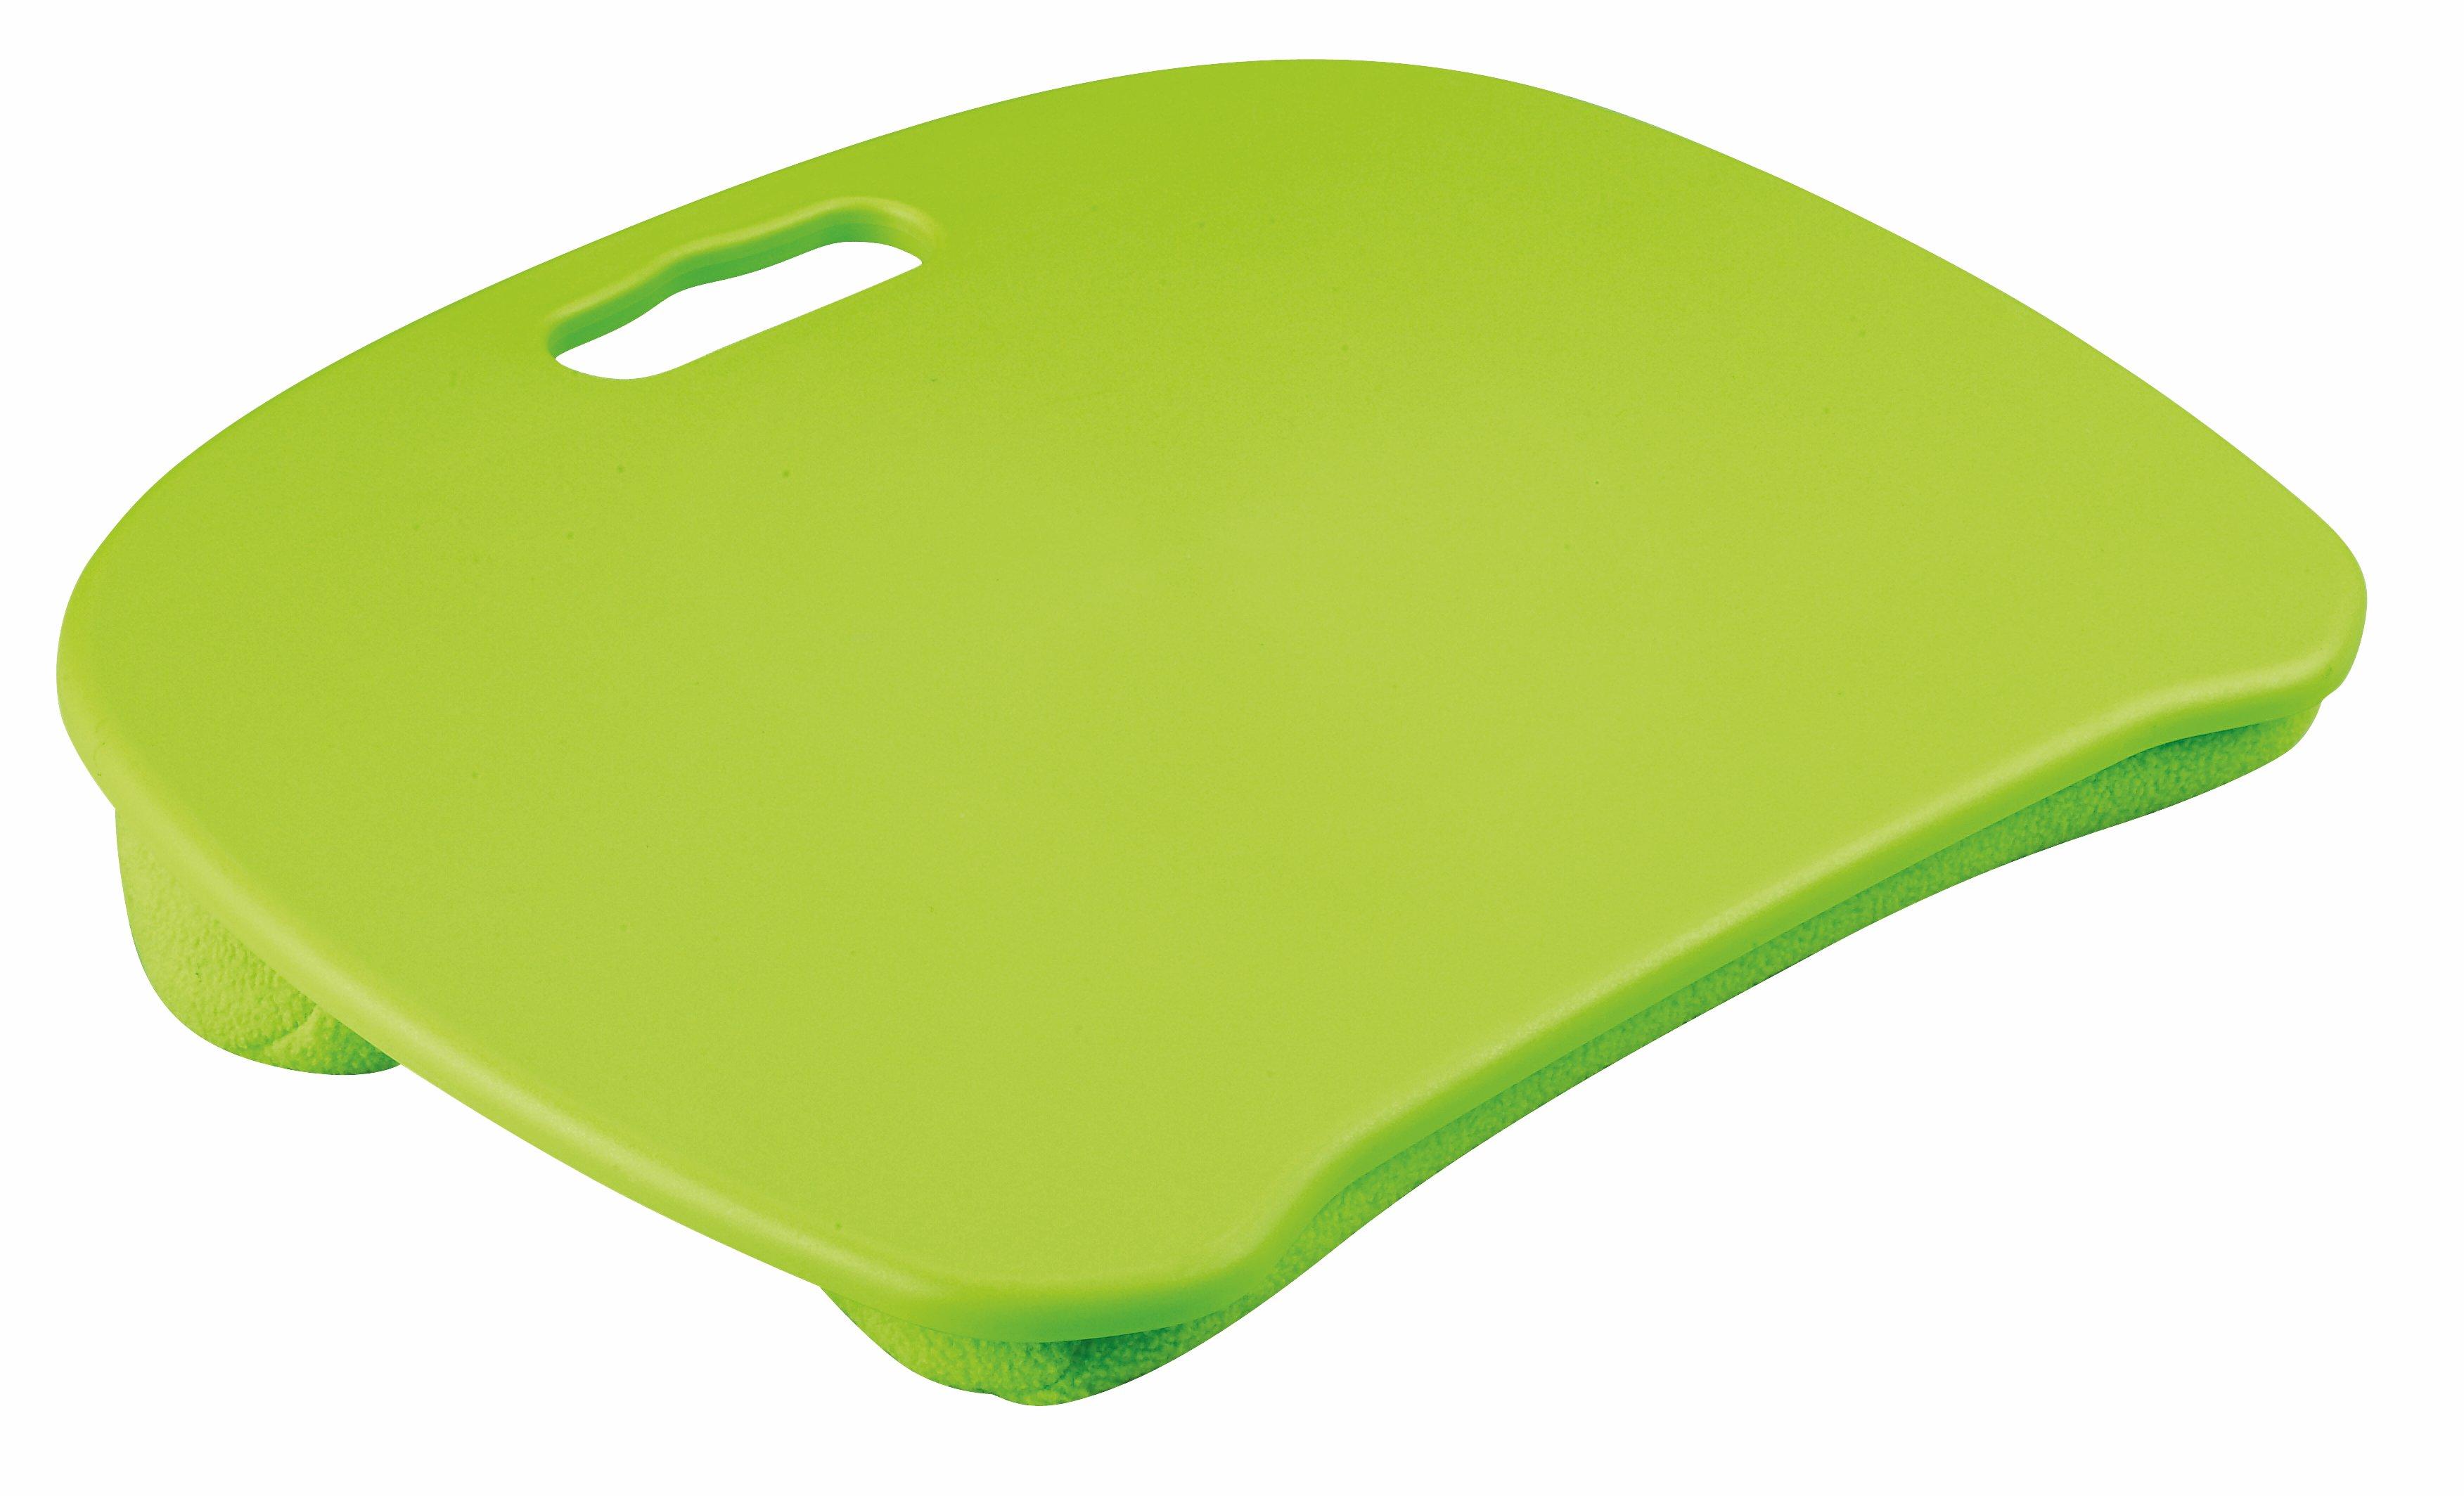 Podložka pod notebook - Halmar - B-28 (zelená). Sme autorizovaný predajca Halmar. Vlastná spoľahlivá doprava až k Vám domov.